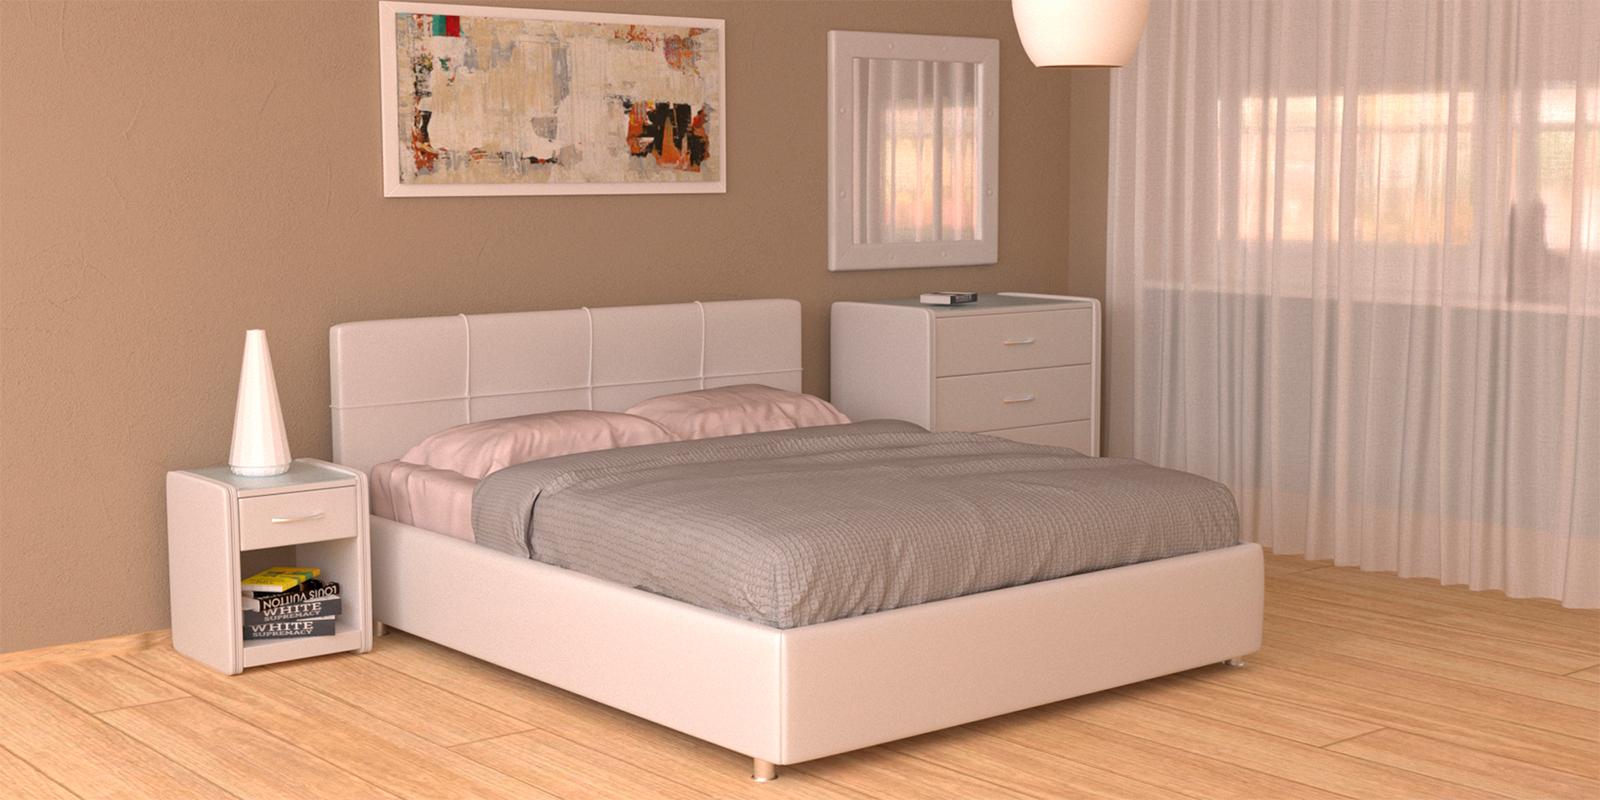 Мягкая кровать 200х160 Малибу вариант №10 с подъемным механизмом (Белый)